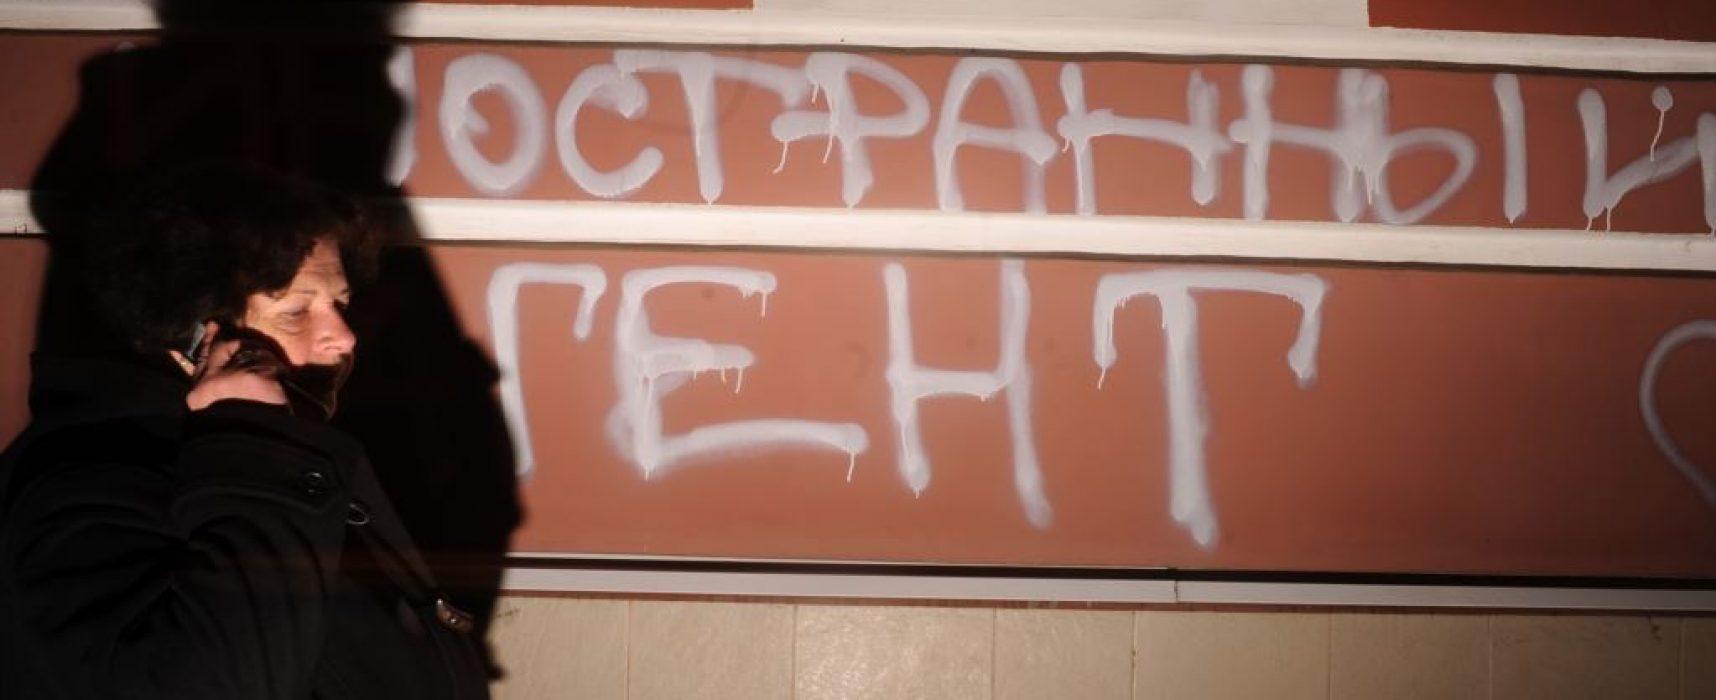 «Хайп», «иноагент» и новый «Крымнаш»: лексические итоги 2017 года